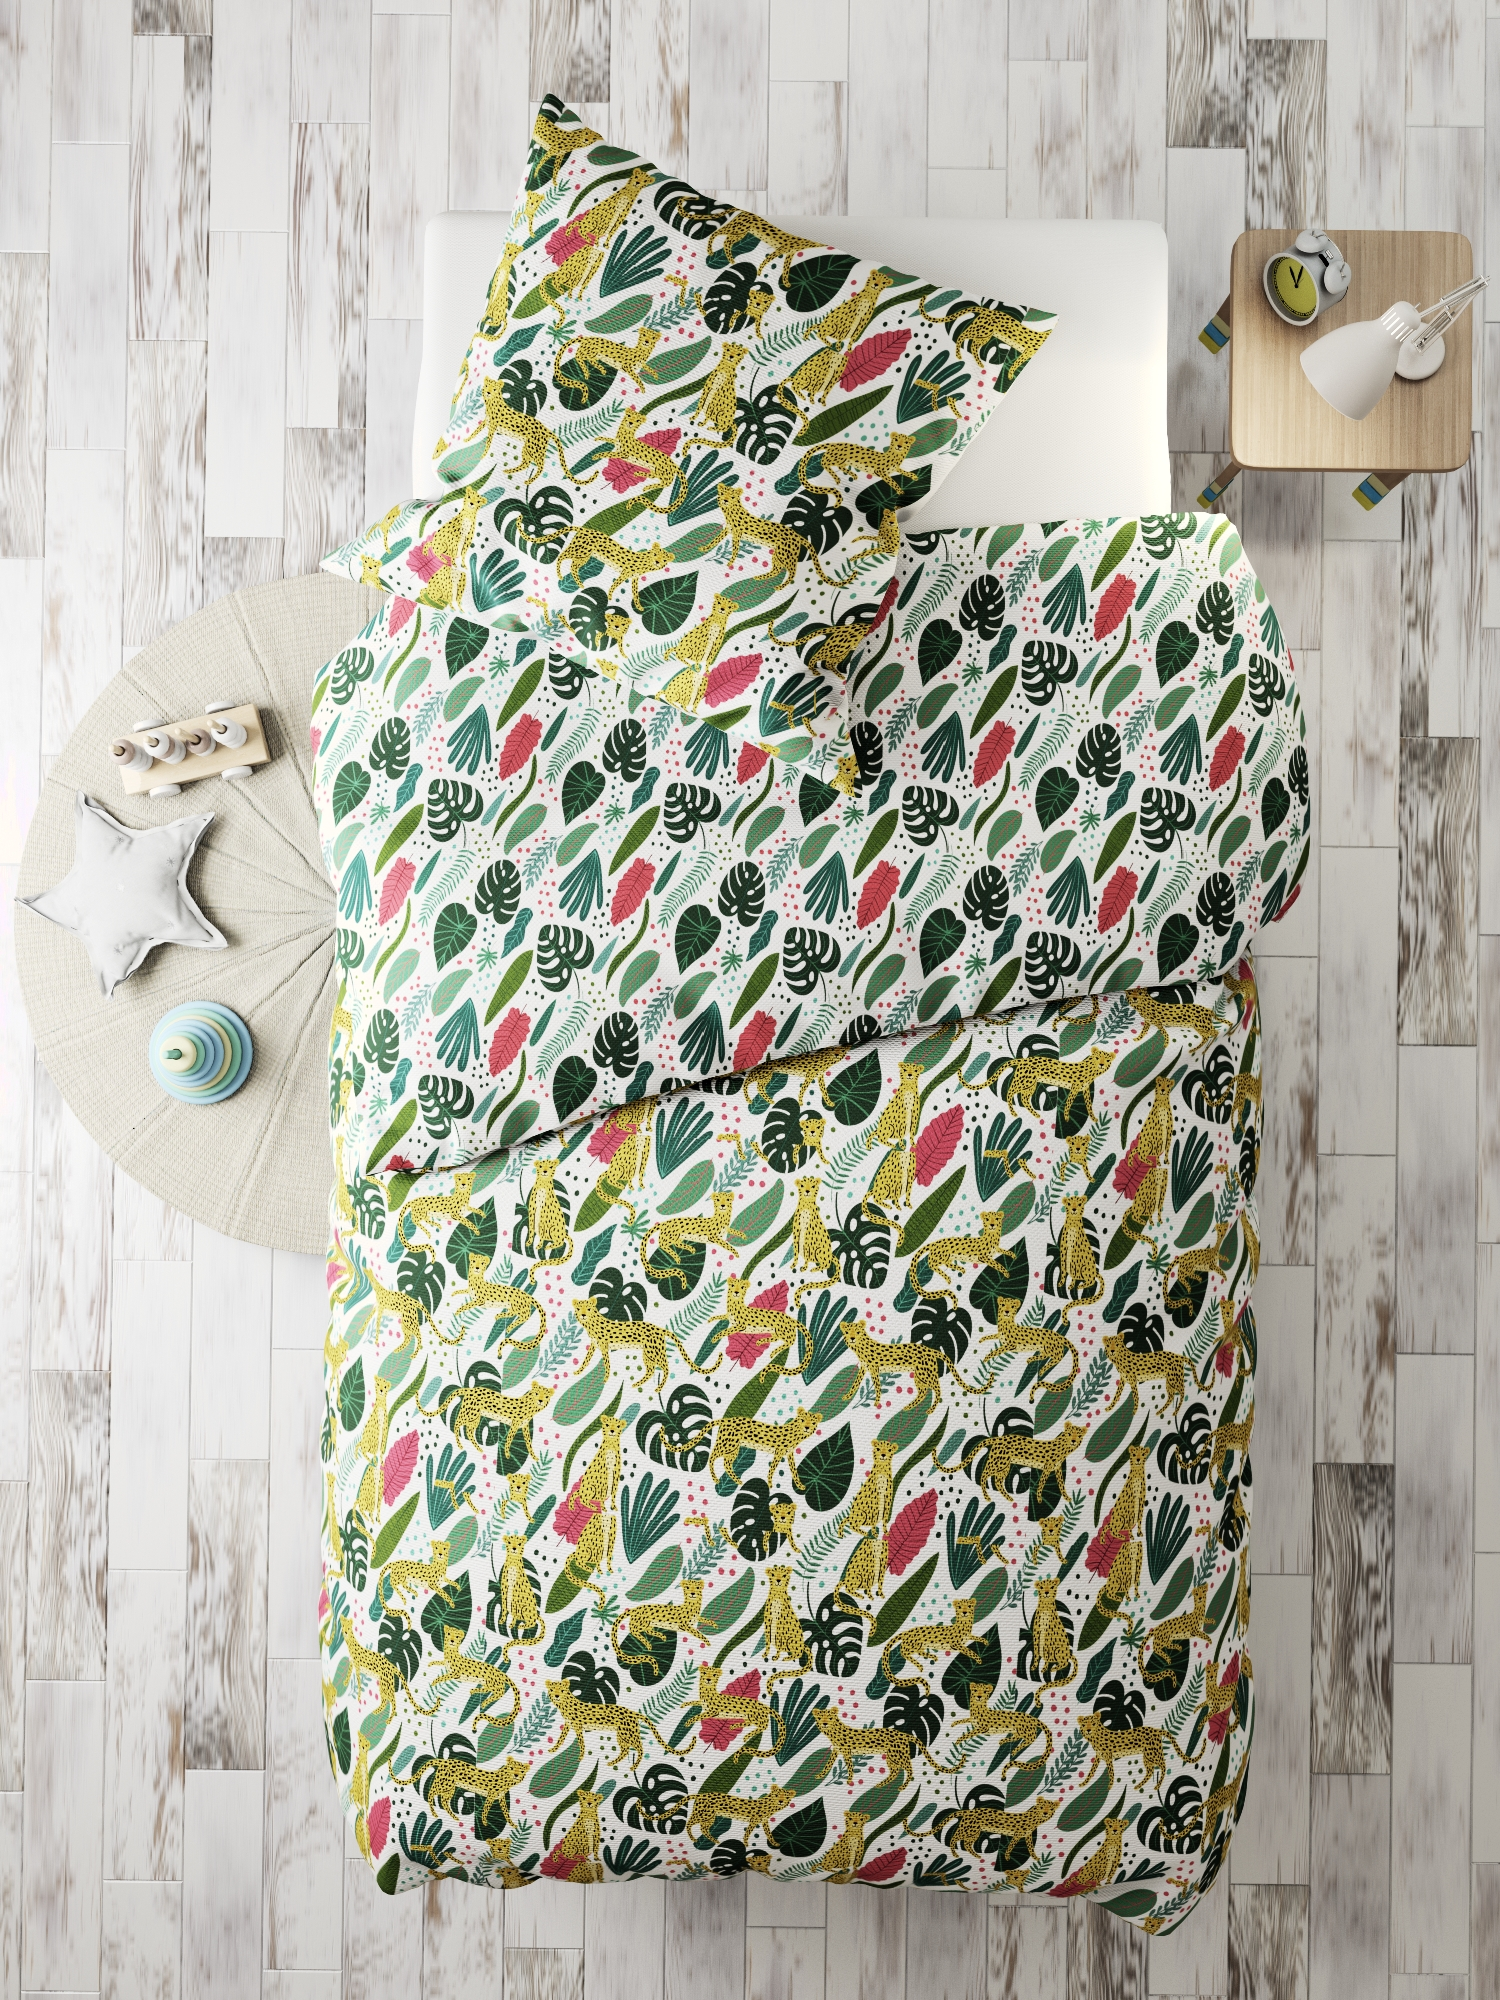 Комплект в кроватку Marengotextile Лео на прогулке, белый, зеленый